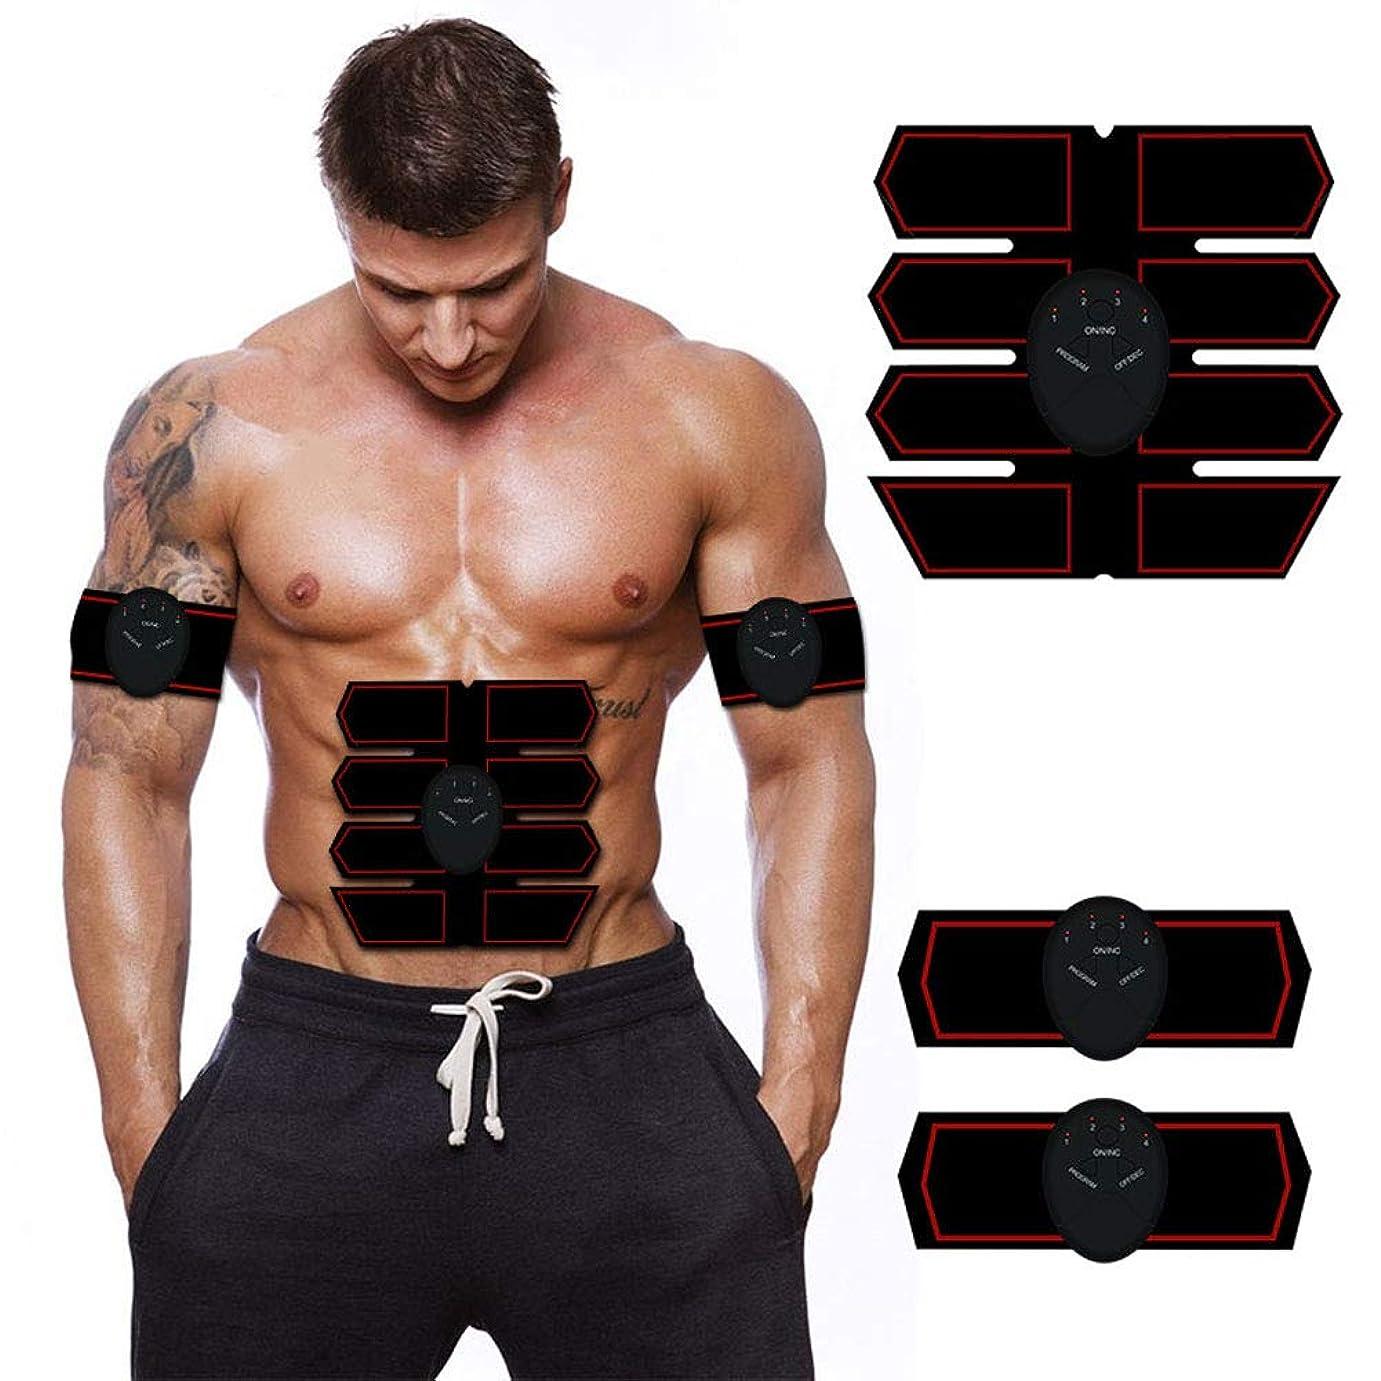 発信ファーザーファージュ谷腹筋トレーナー筋肉刺激器, Ems 腹筋刺激剤筋肉トナー, ポータブルマッスルトレーナー, 腹部の調子のベルト, の 男性?女性